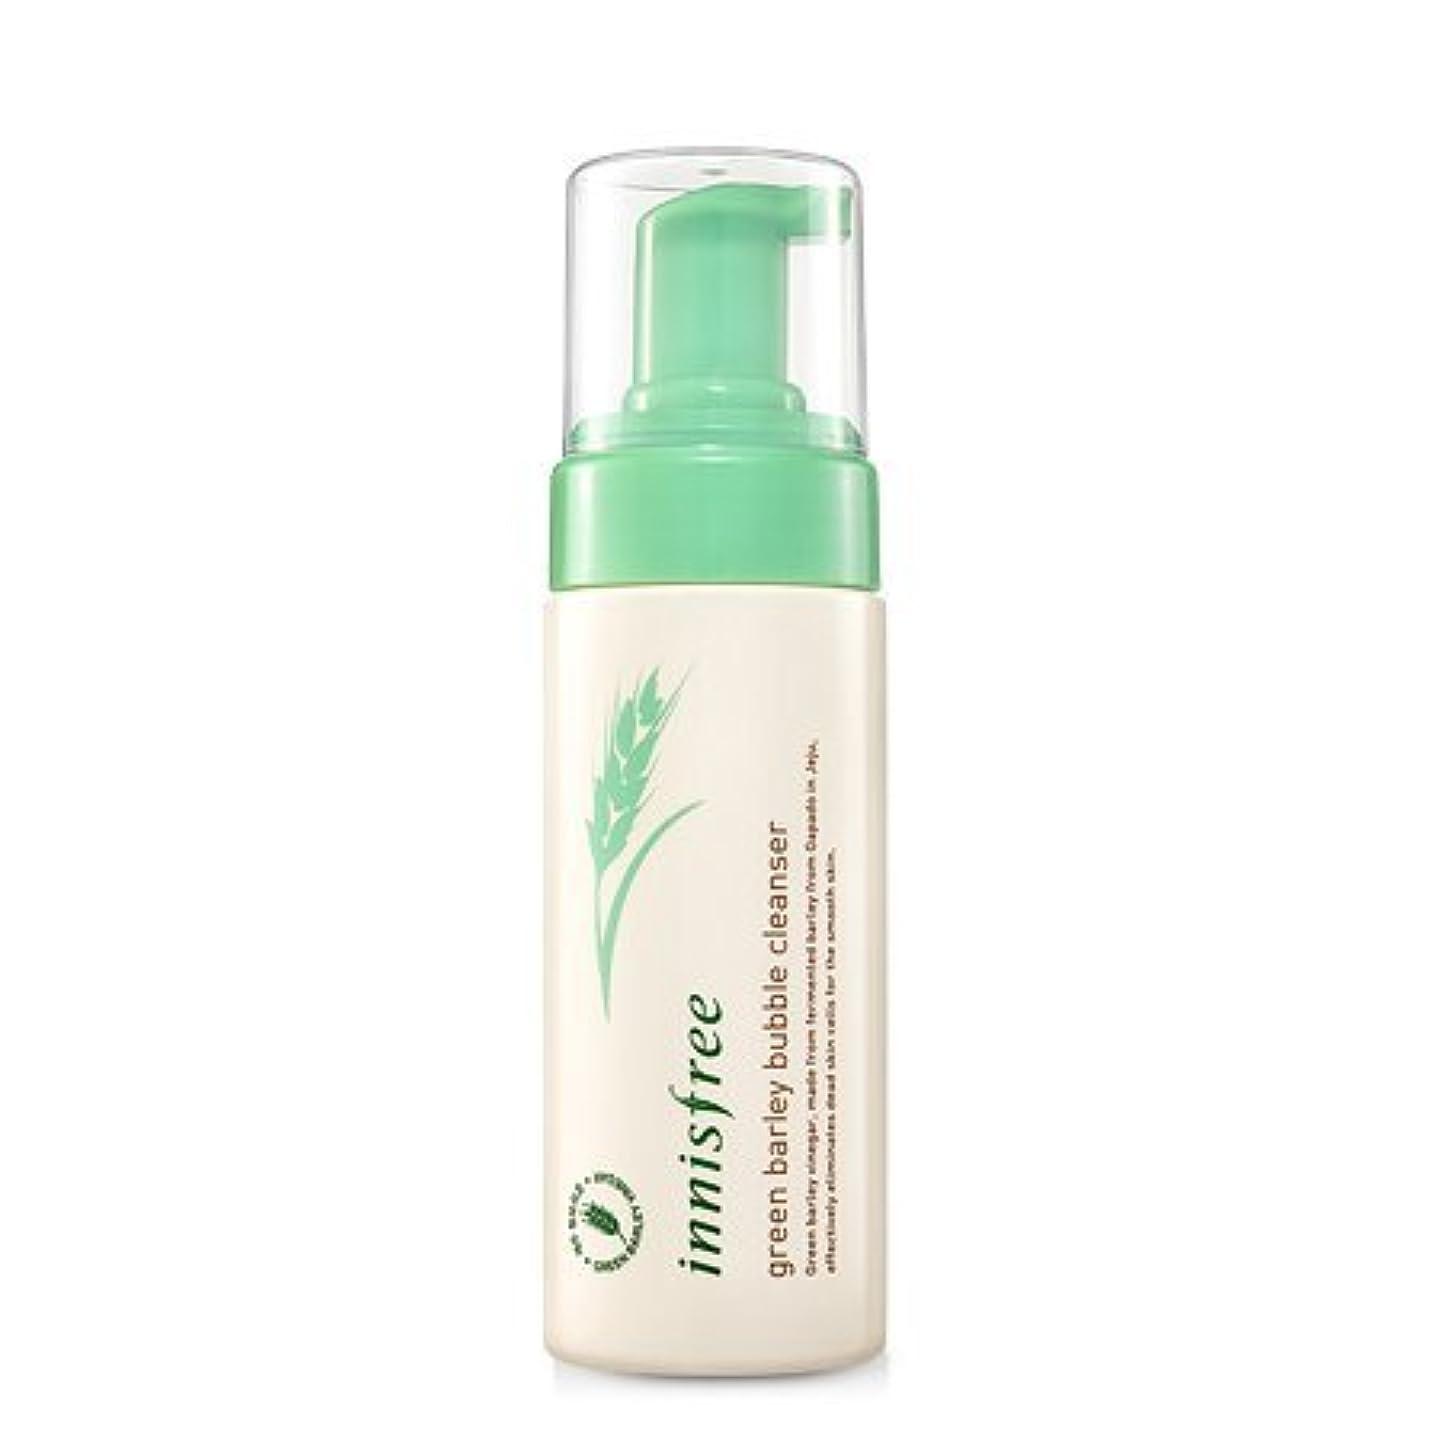 つぶやき知り合い誠意[innisfree(イニスフリー)] Green barley bubble cleanser 150ml 青麦のバブルクレンザー [並行輸入品][海外直送品]